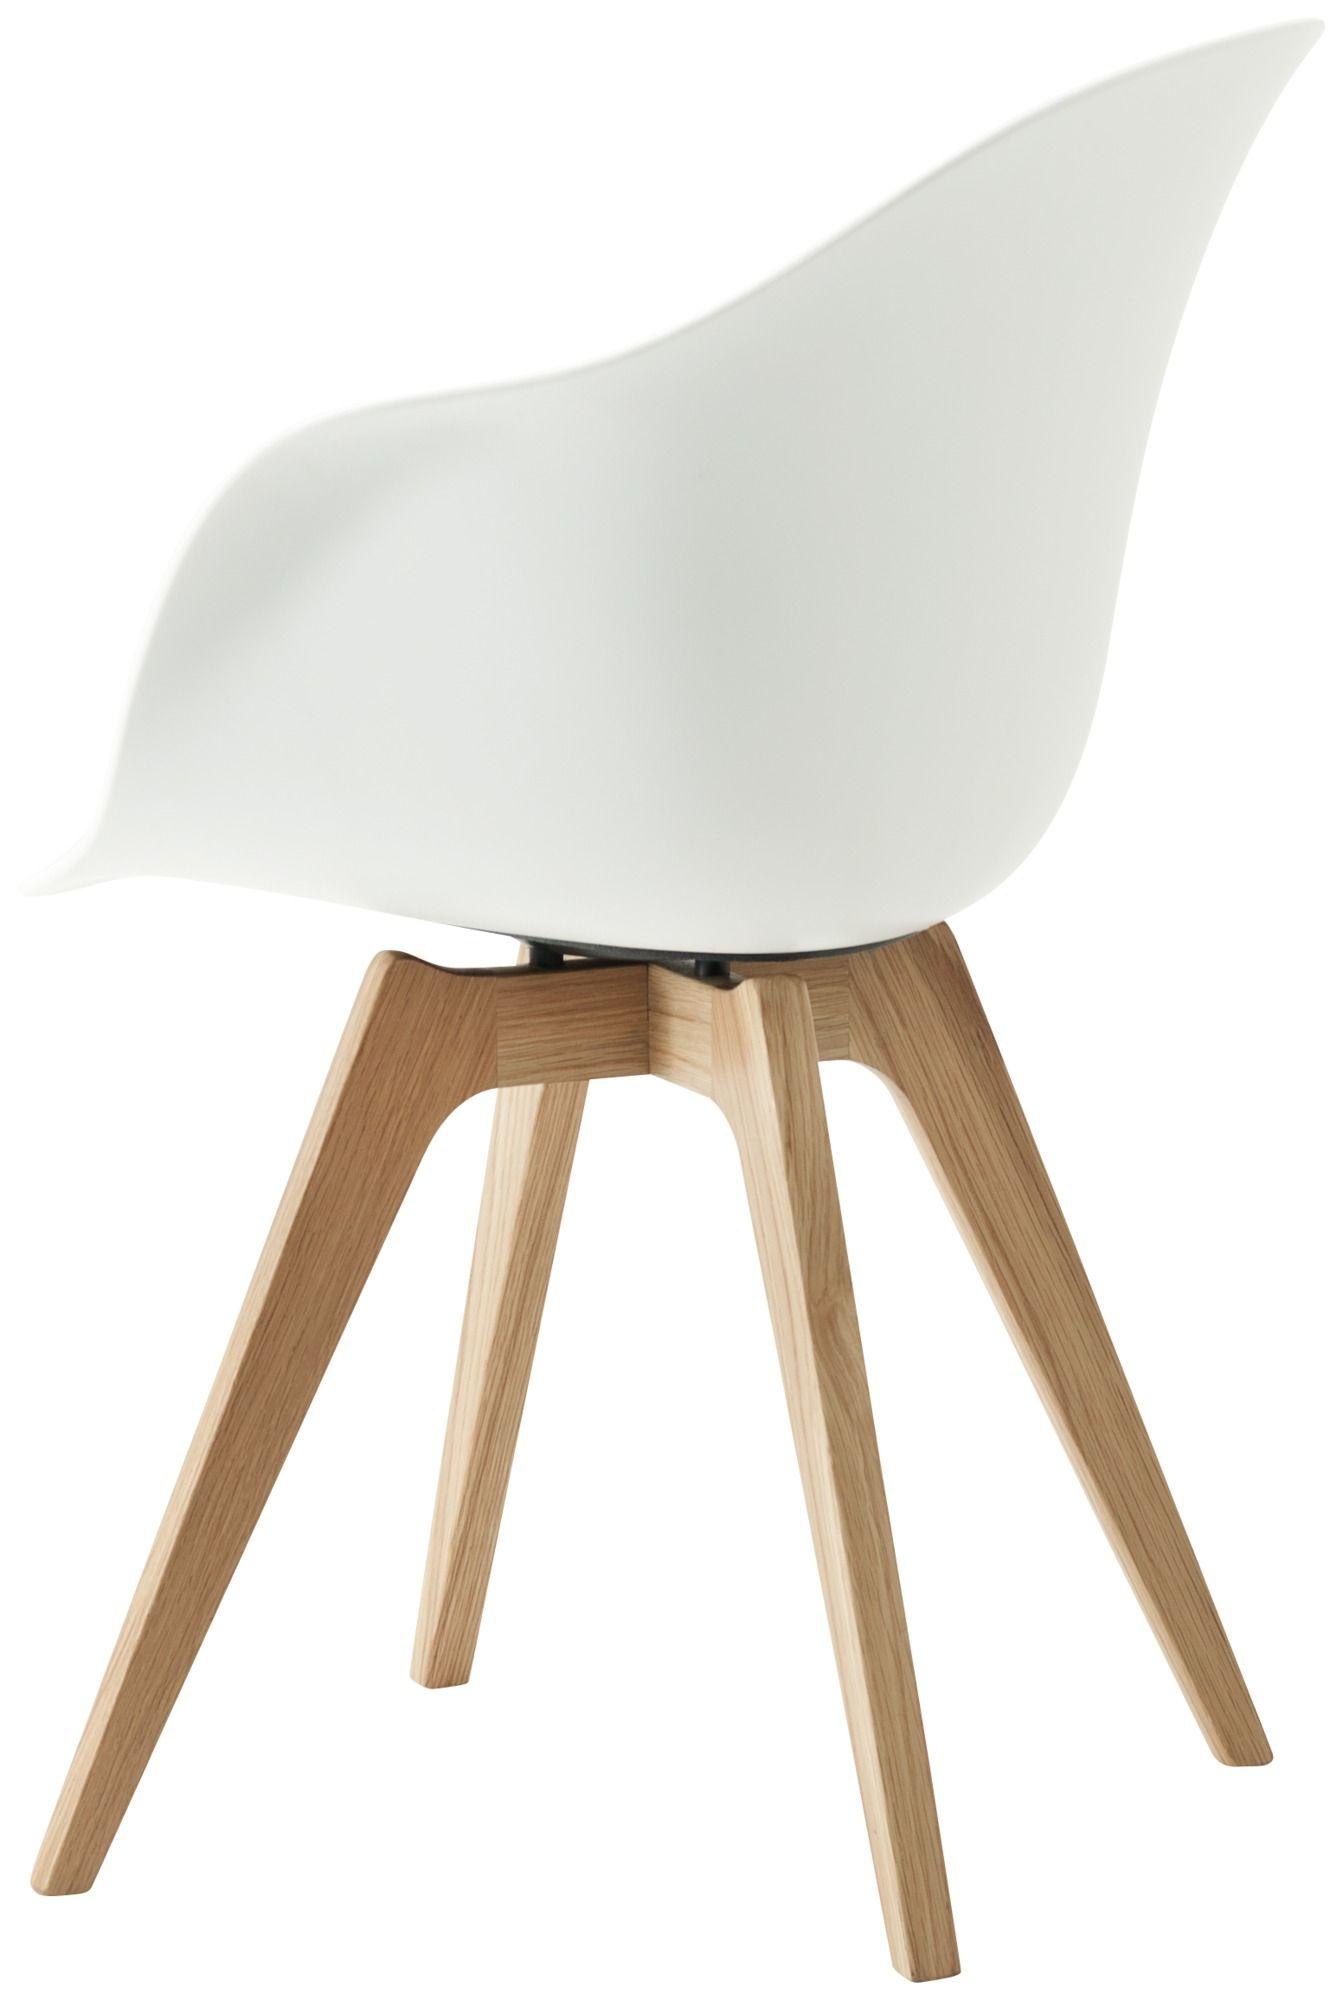 Designer Esszimmerstühle moderne designer esszimmerstühle kaufen boconcept for